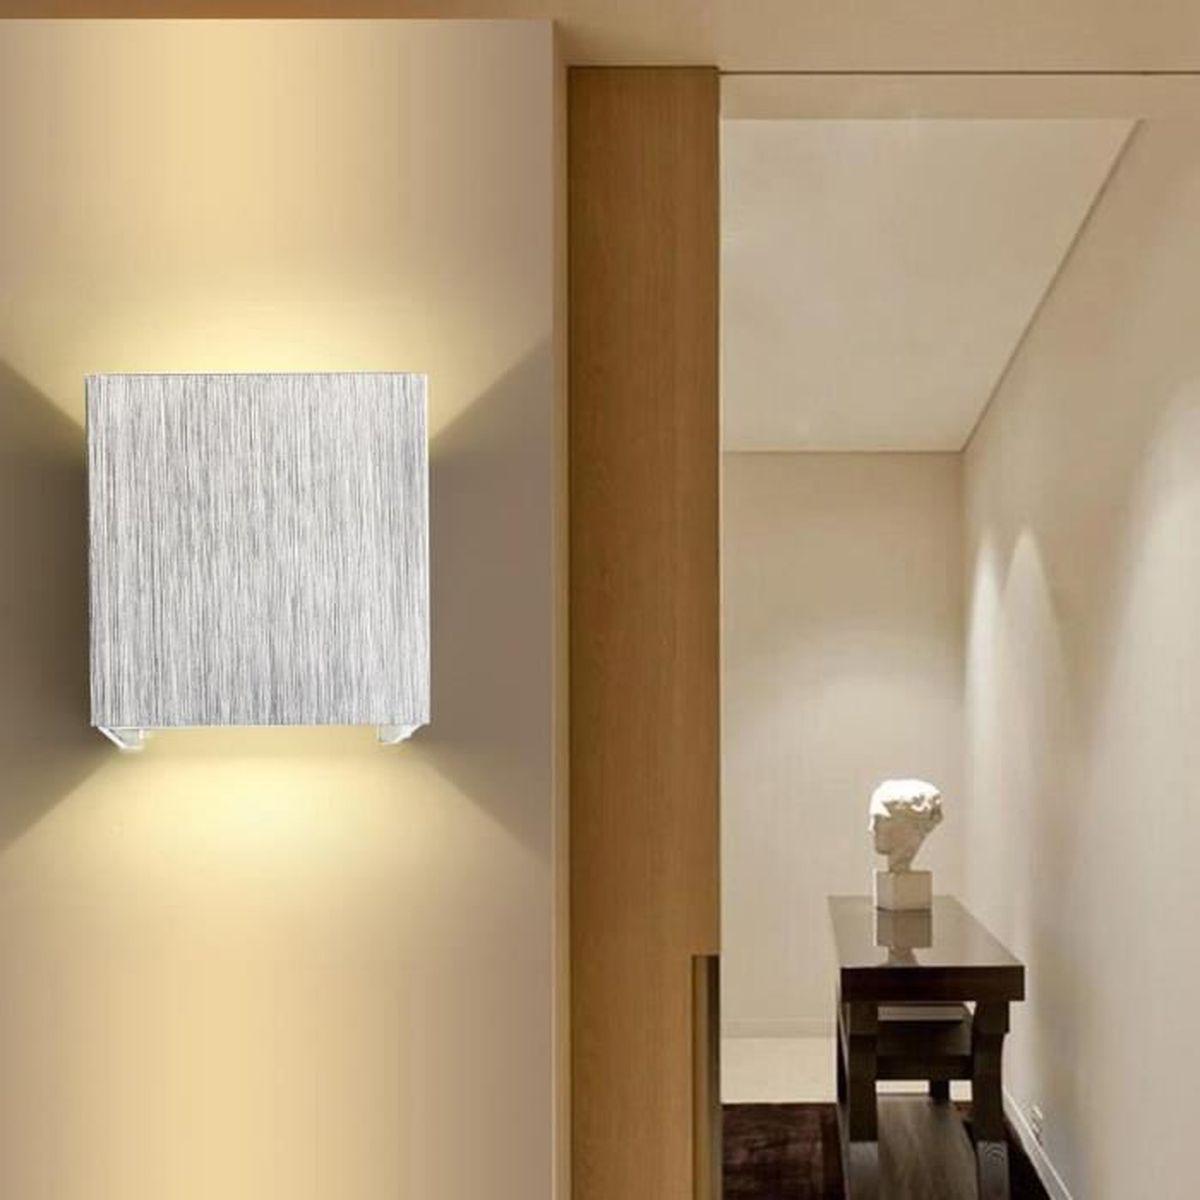 applique murale argentee interieur achat vente pas cher. Black Bedroom Furniture Sets. Home Design Ideas